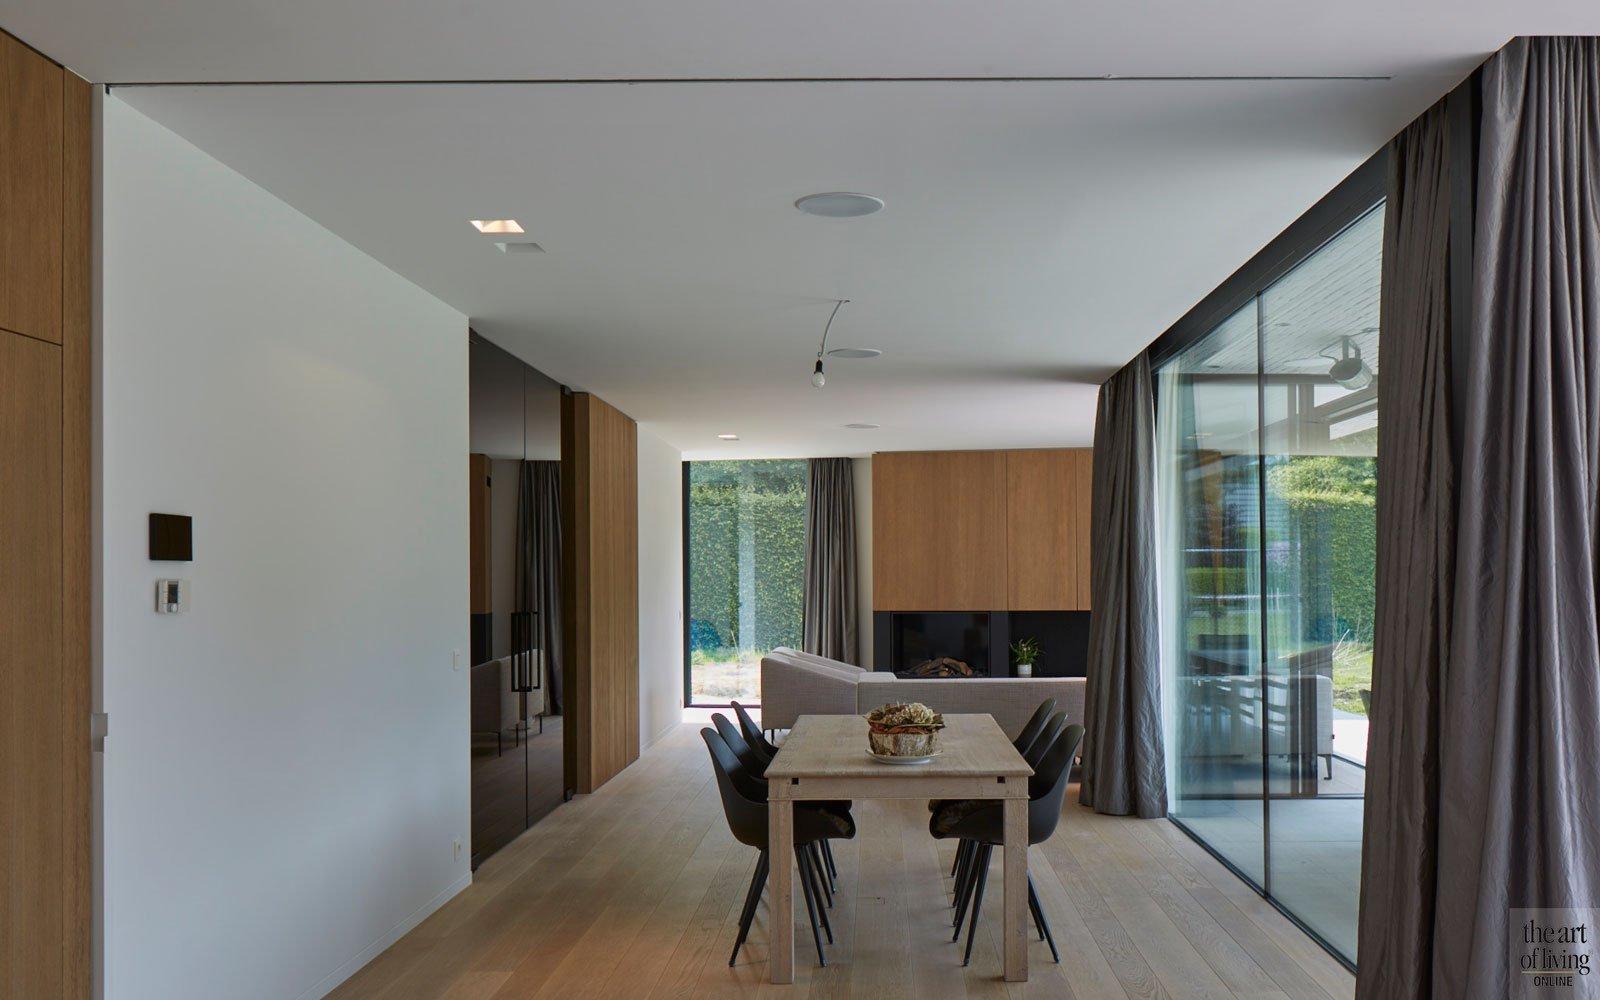 Moon Architects, The Art of Living Online, moderne villa, BEN-woning, energiezuinig, duurzaam, modern